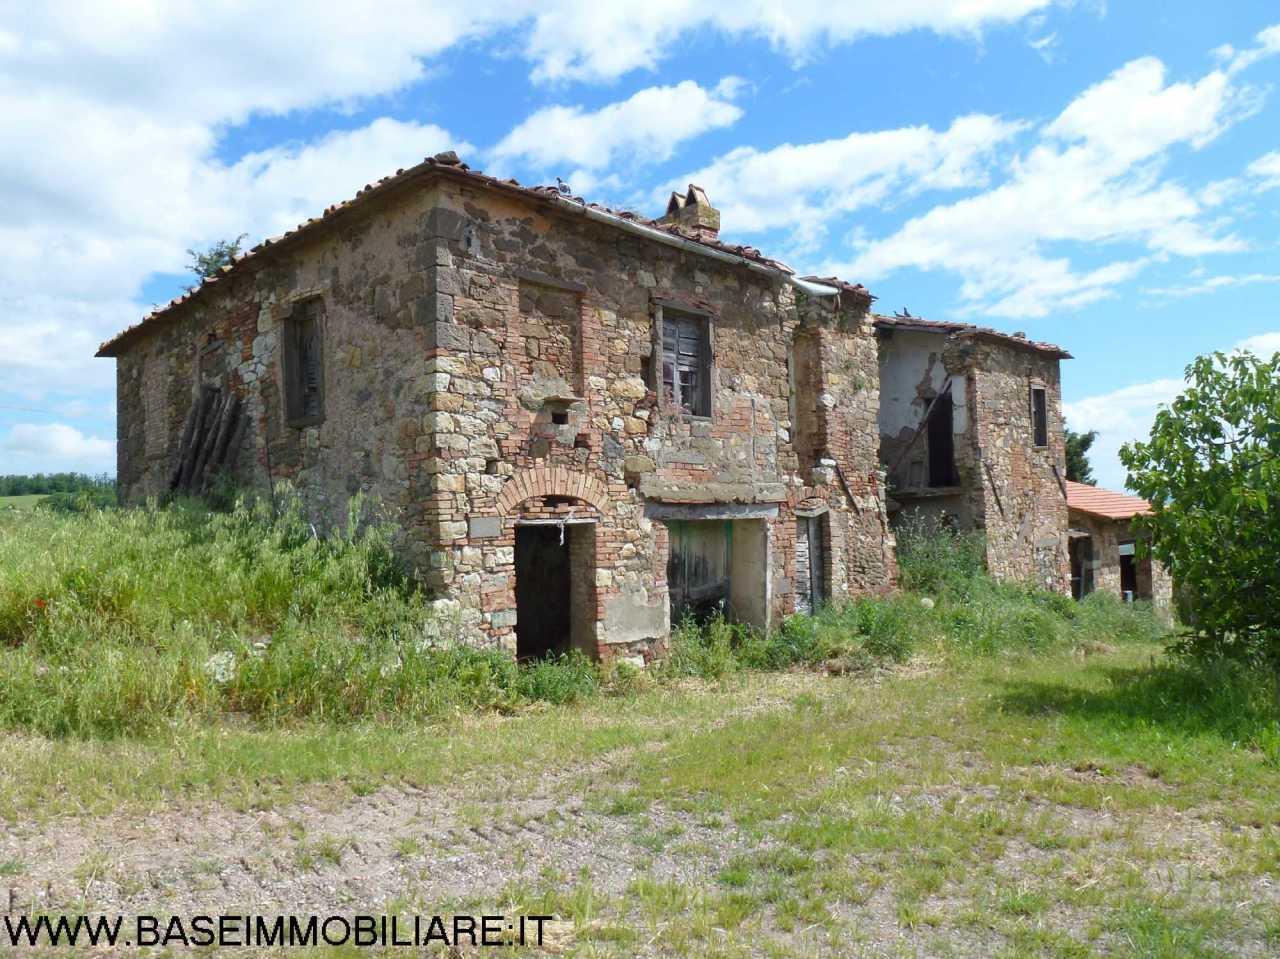 Rustico / Casale in vendita a Montecatini Val di Cecina, 16 locali, prezzo € 620.000 | CambioCasa.it